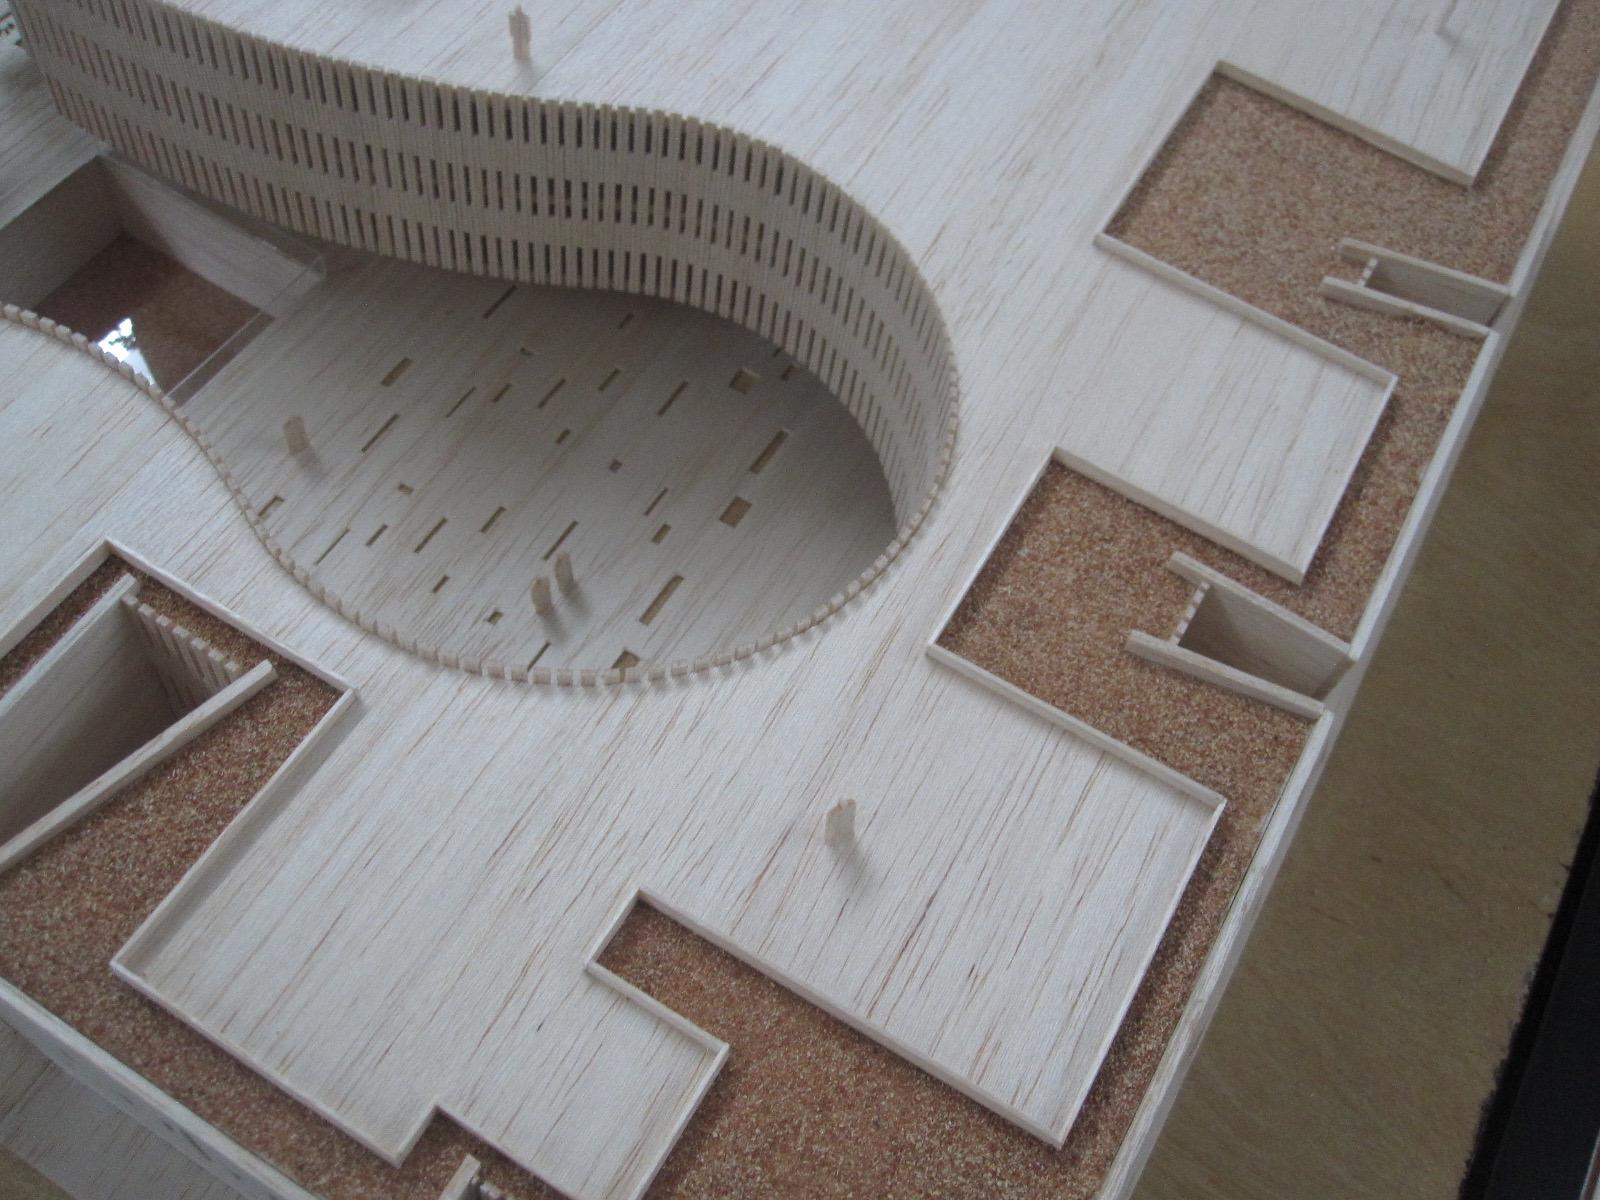 Vista aérea del Palacio de la Música